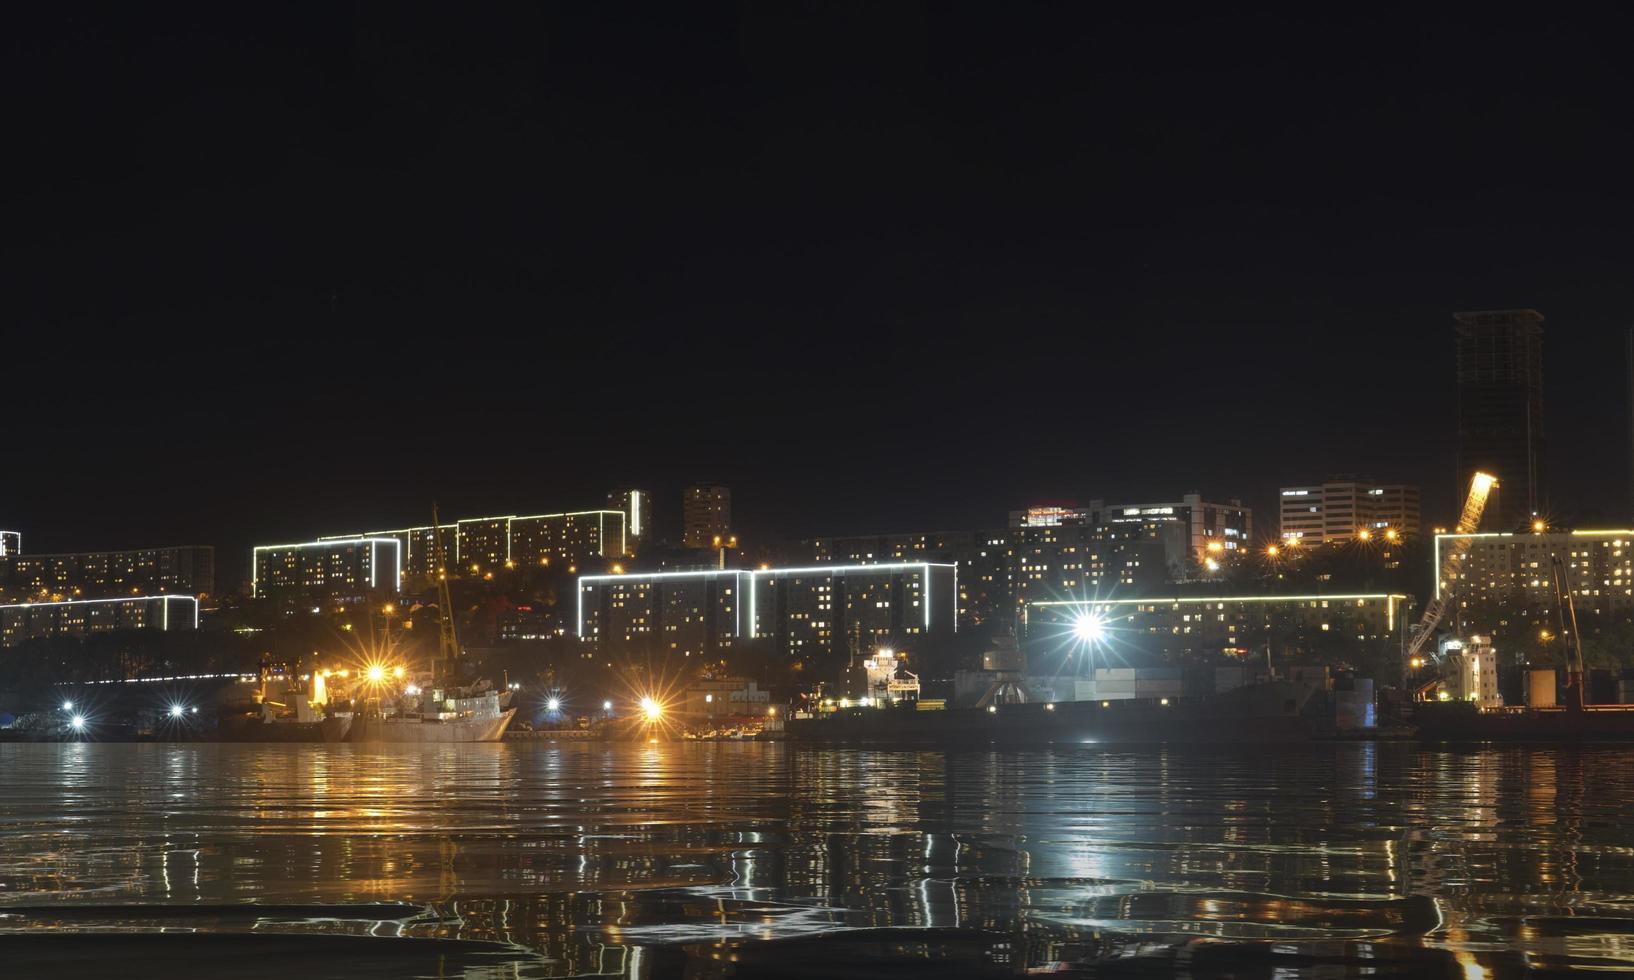 stedelijk landschap met silhouetten van huizen en licht van lantaarns. foto